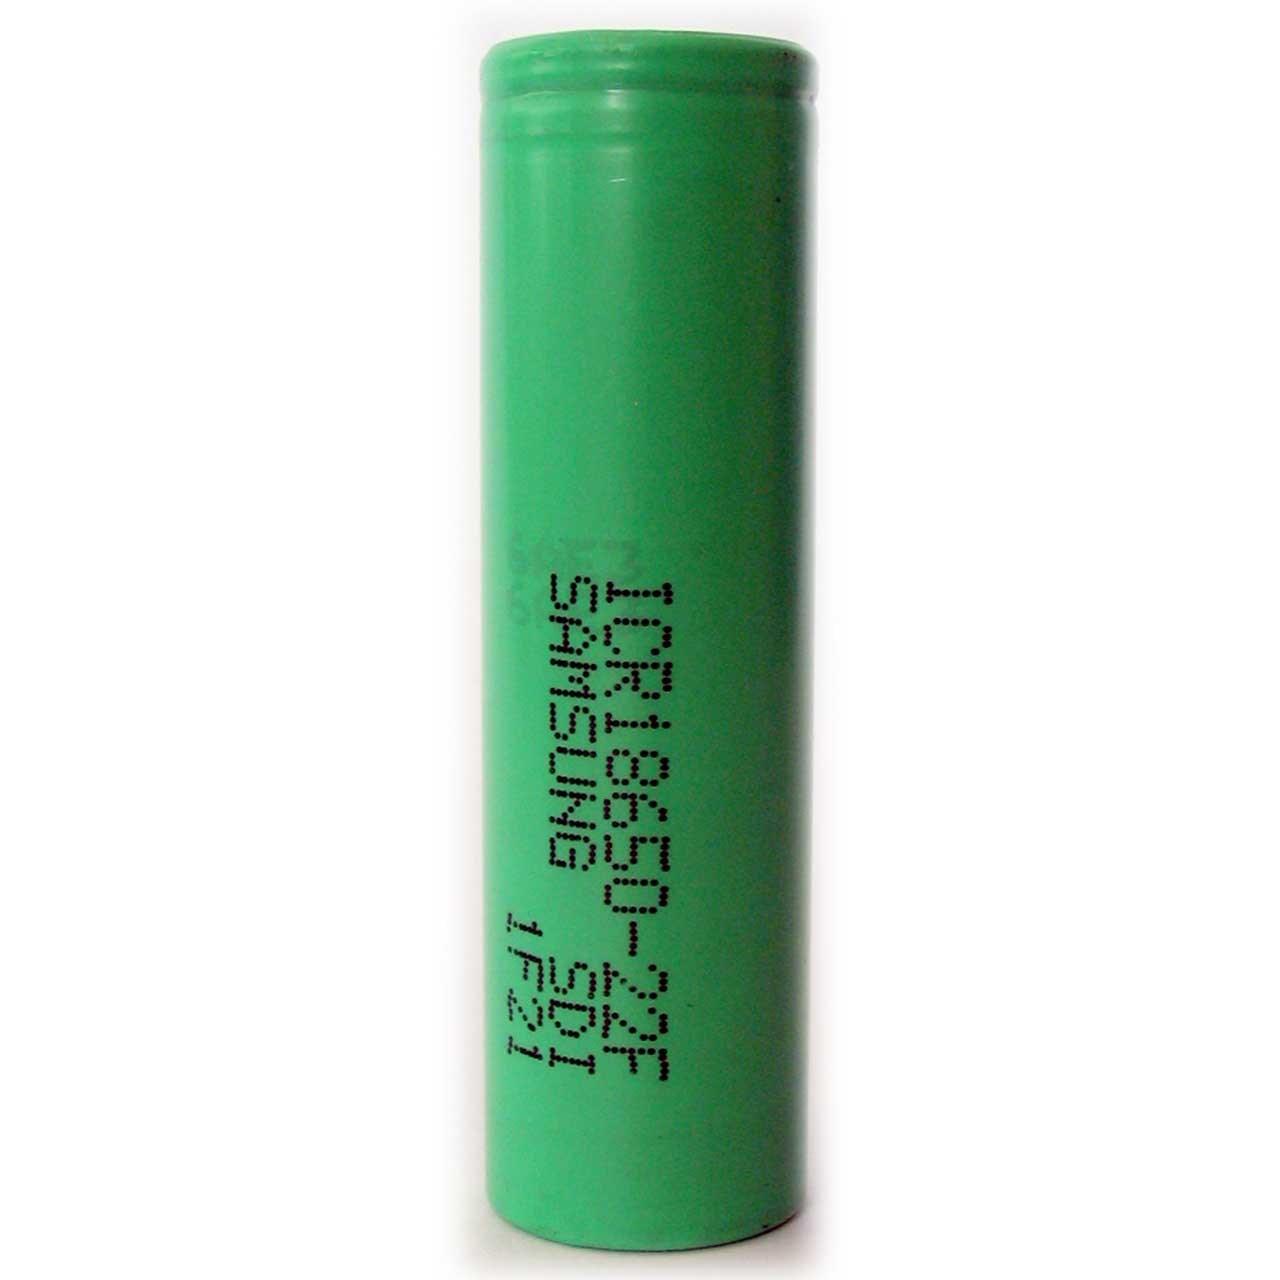 خرید                     باتری لیتیم یون سامسونگ قابل شارژ مدل ICR18650-22F ظرفیت 2200 میلی آمپر